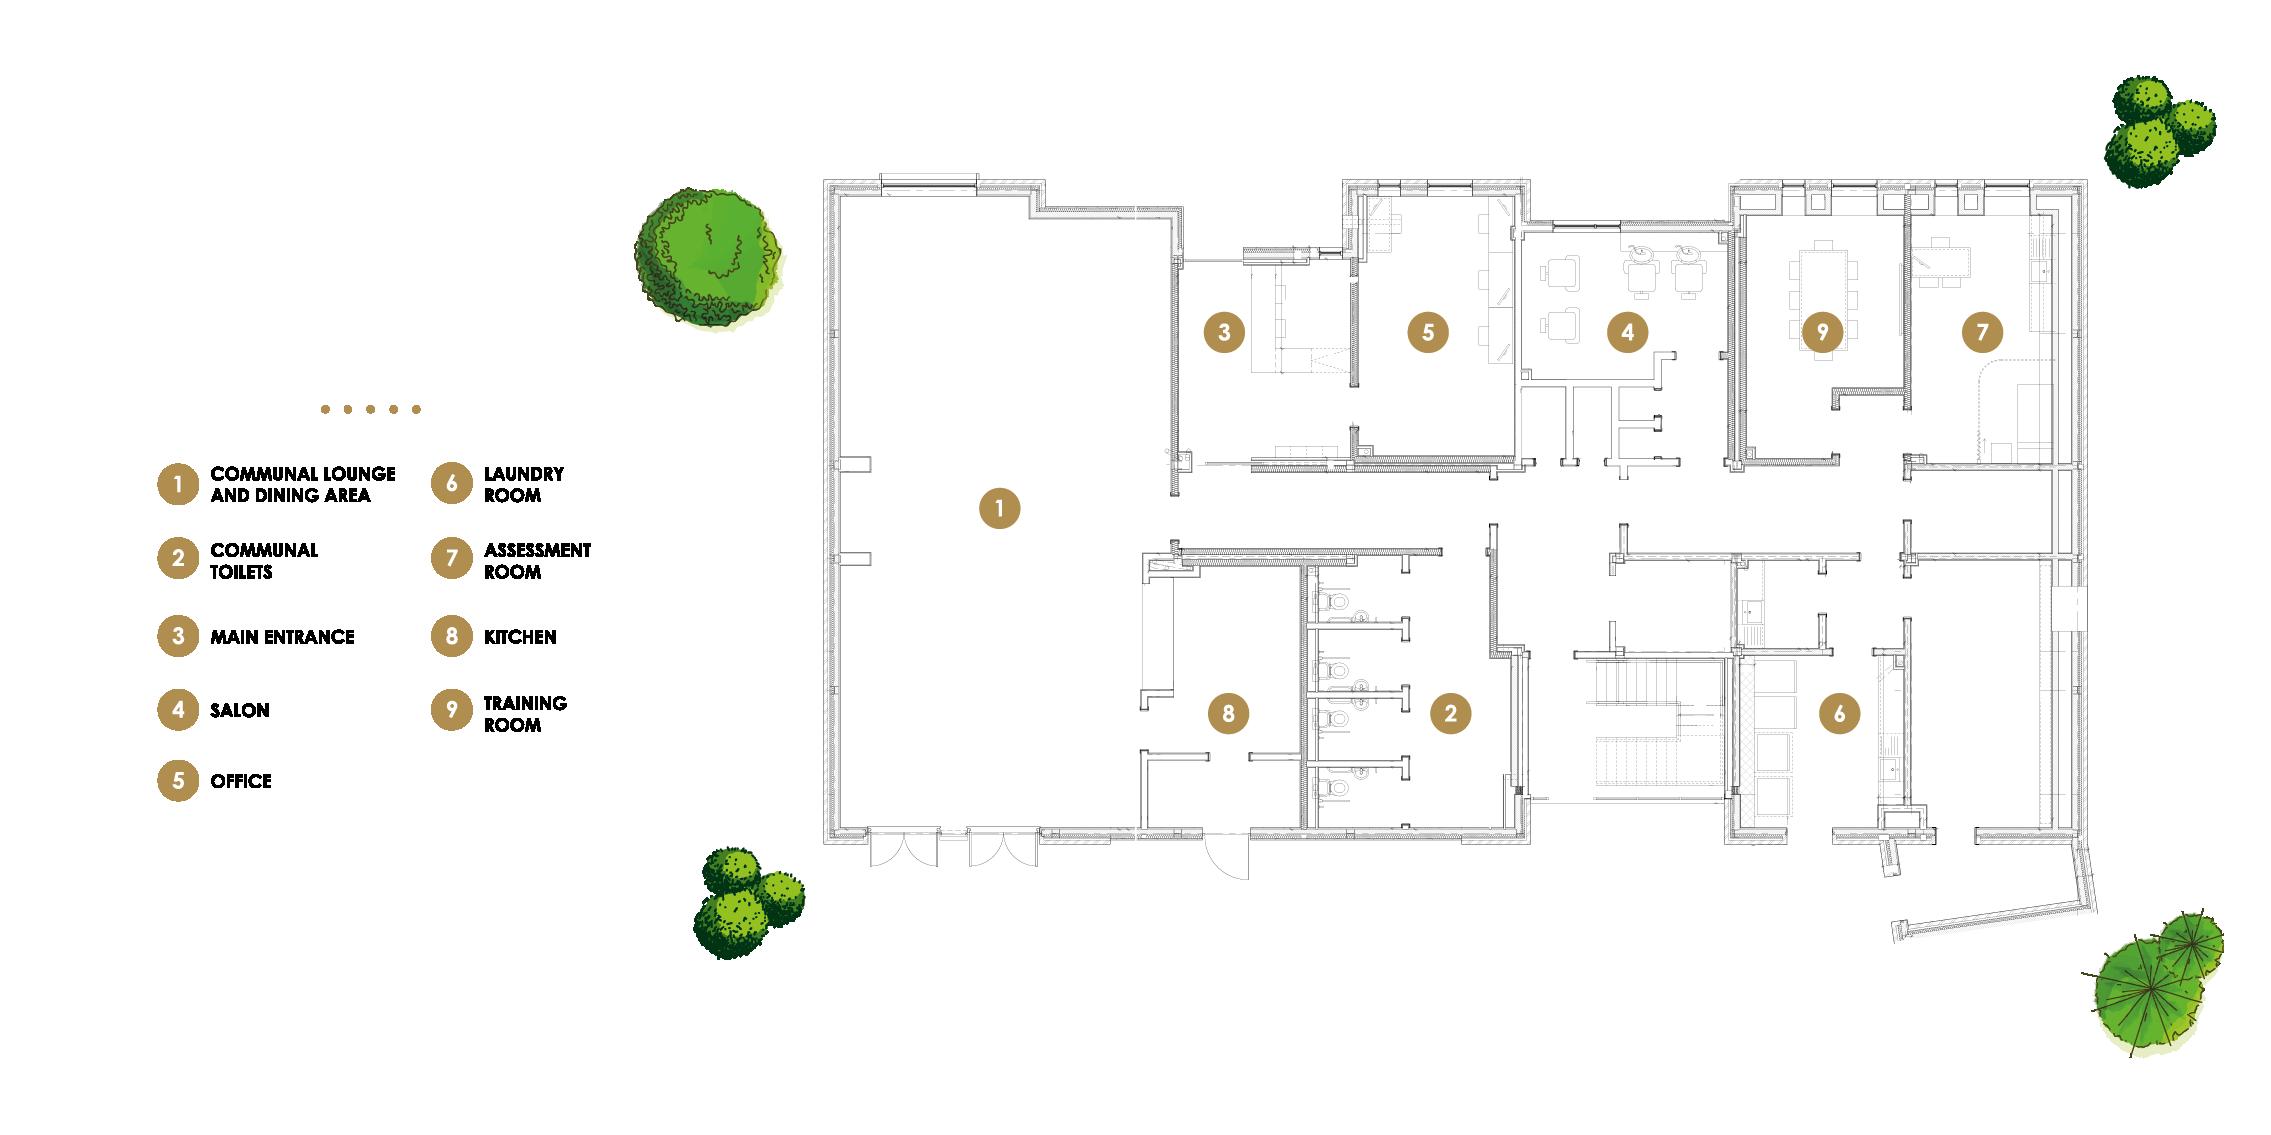 Floor plan of communal areas